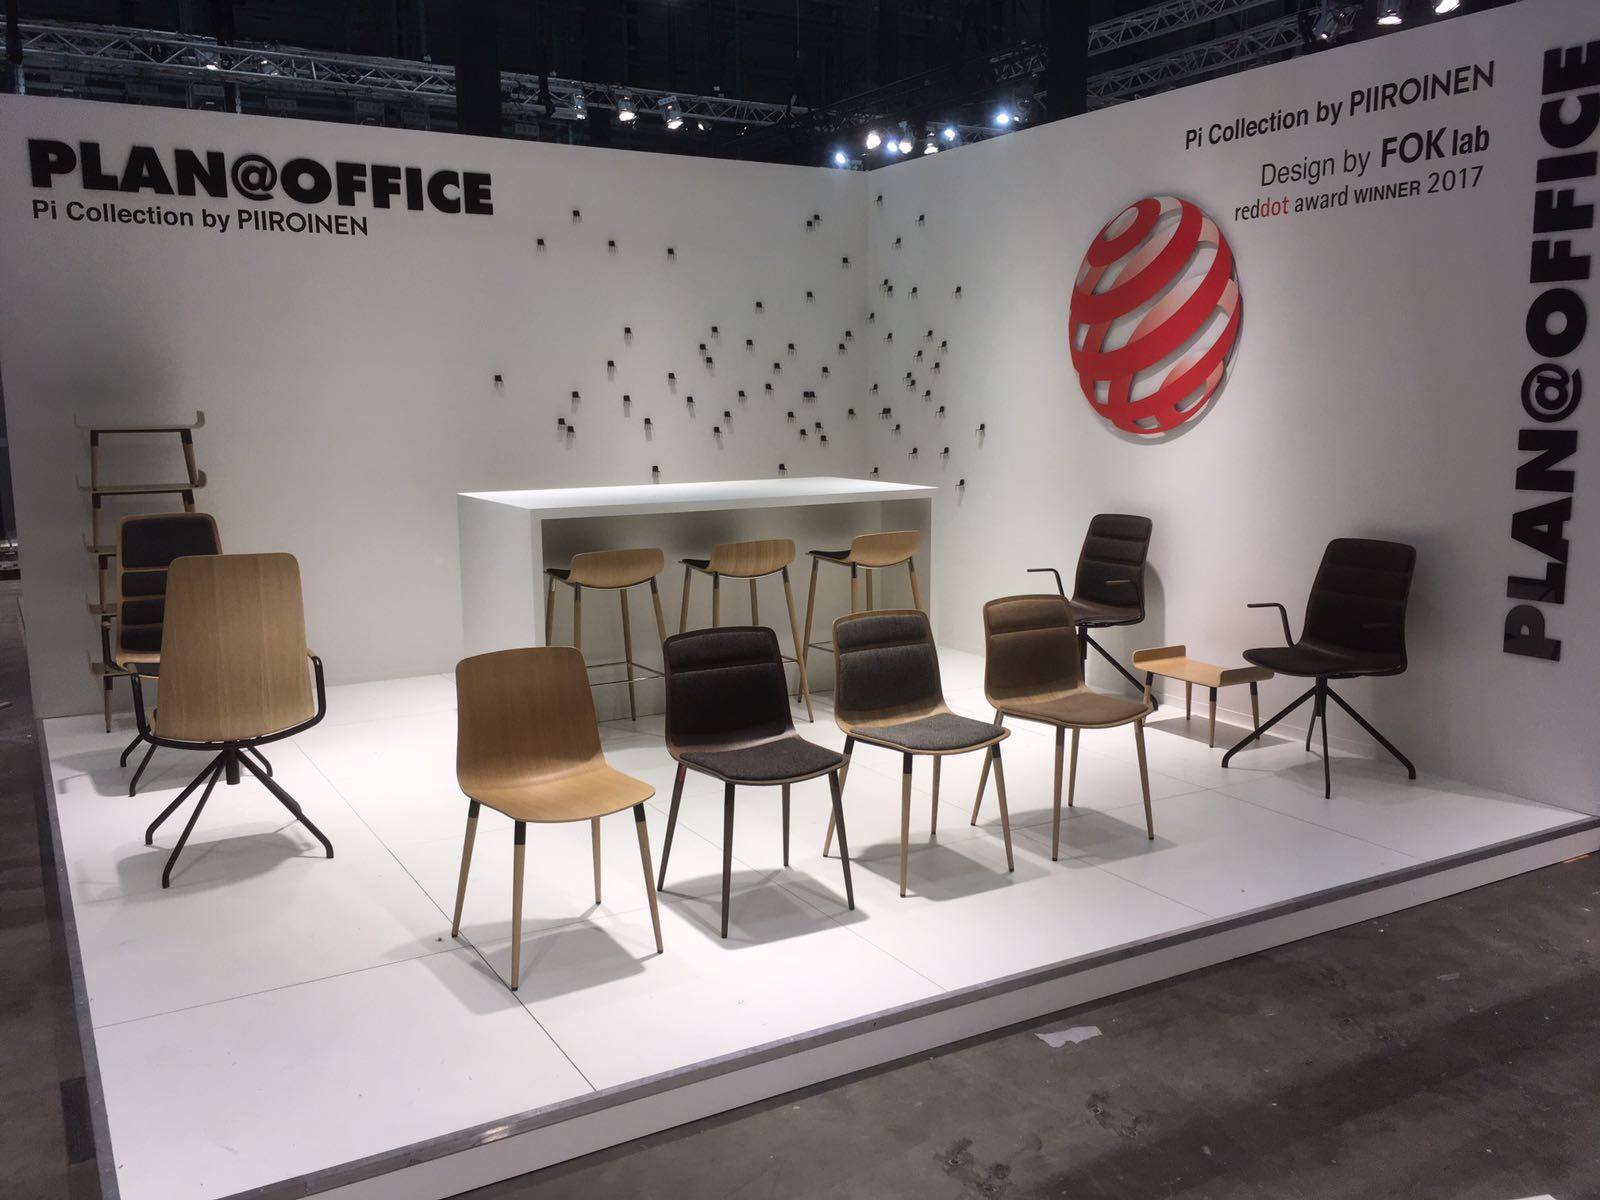 Nieuw Design en Trends gespot tijdens Design District 2017 Pi Chair